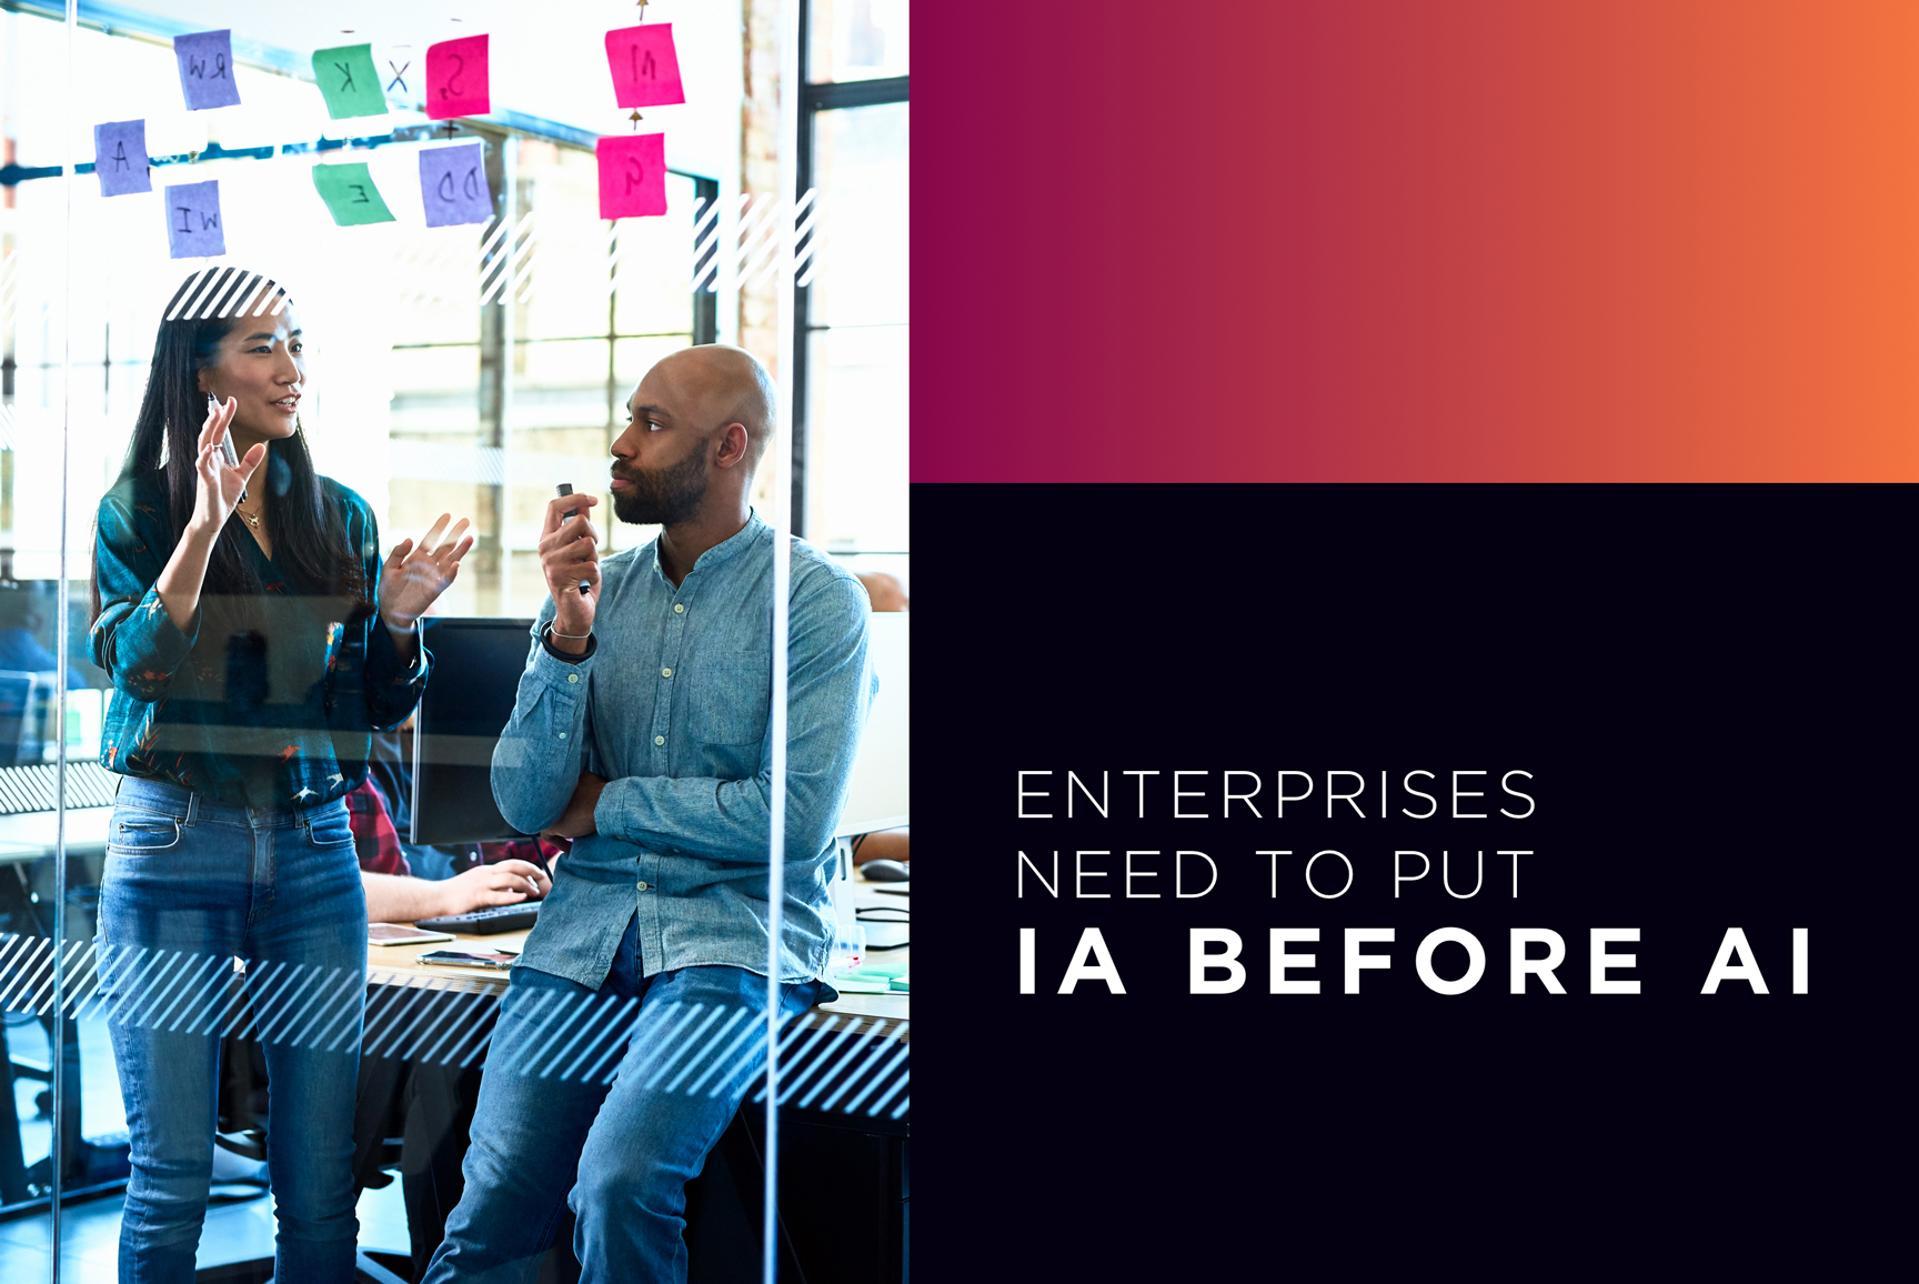 Teradata BrandVoice: Enterprises Need To Put IA Before AI